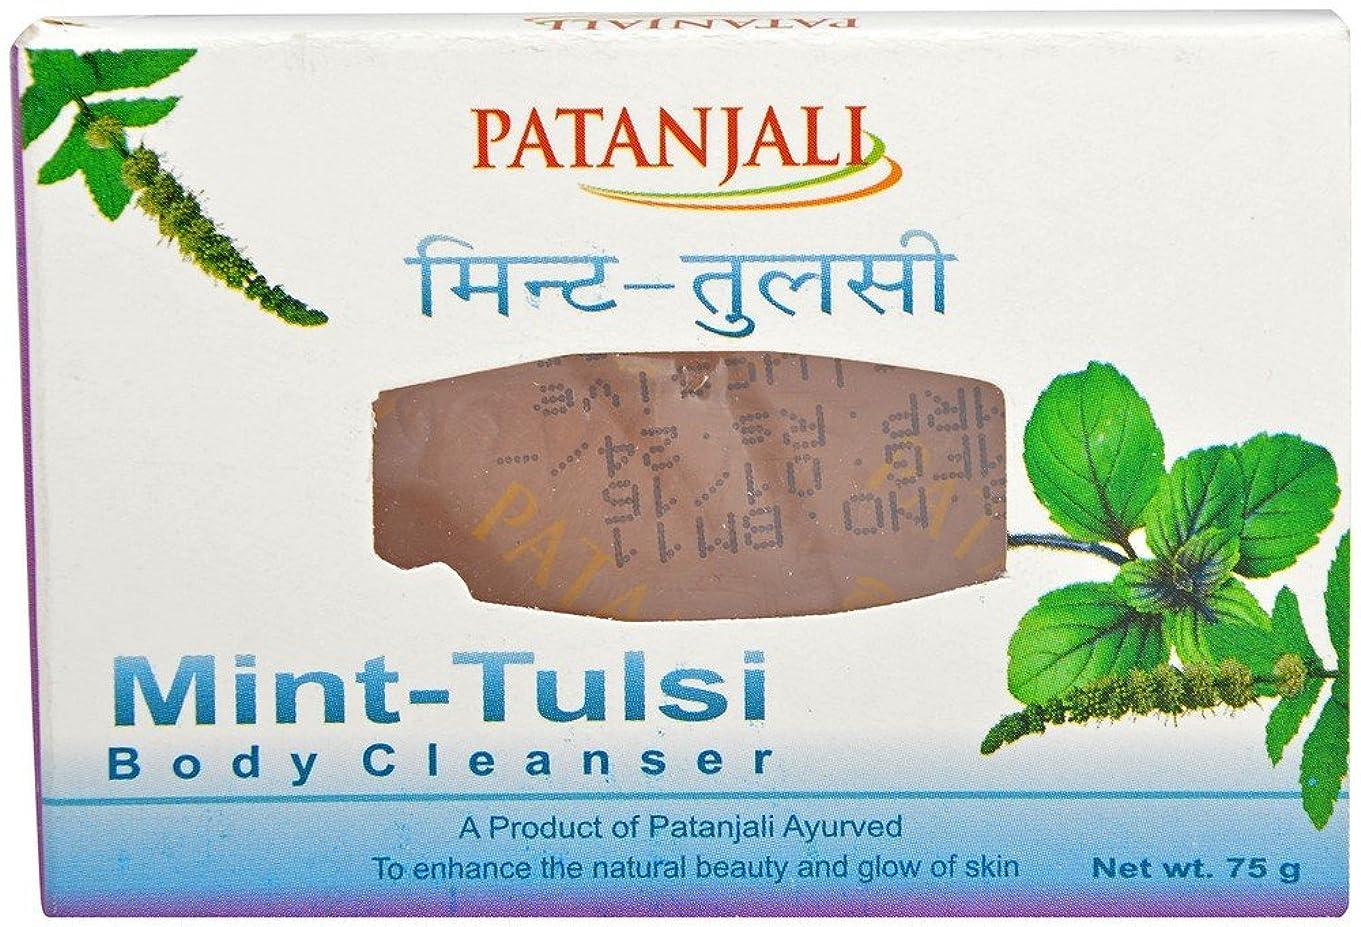 パタンジャリ ミント?ホーリーバジルソープ 75g×2個 アーユルヴェーダ インド産 Mint Tulsi Body Cleanser Ayurveda Patanjali India